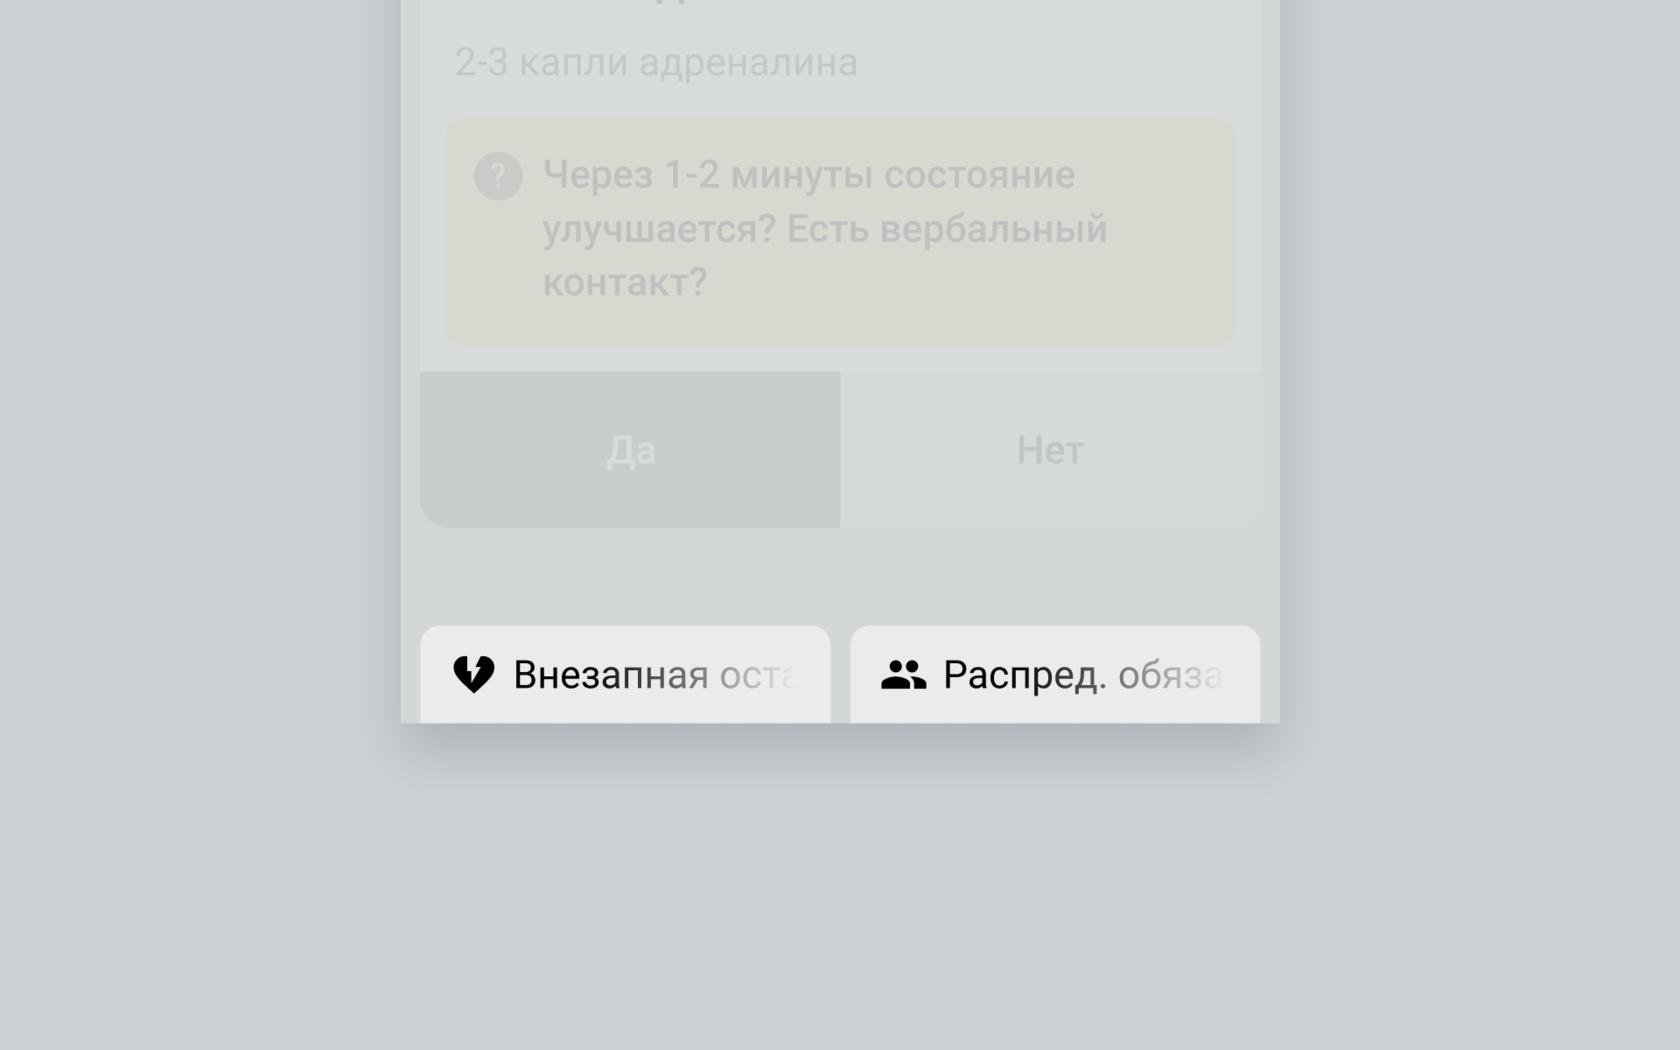 Срочное переключение на алгоритм «Остановка сердца» | SobakaPav.ru